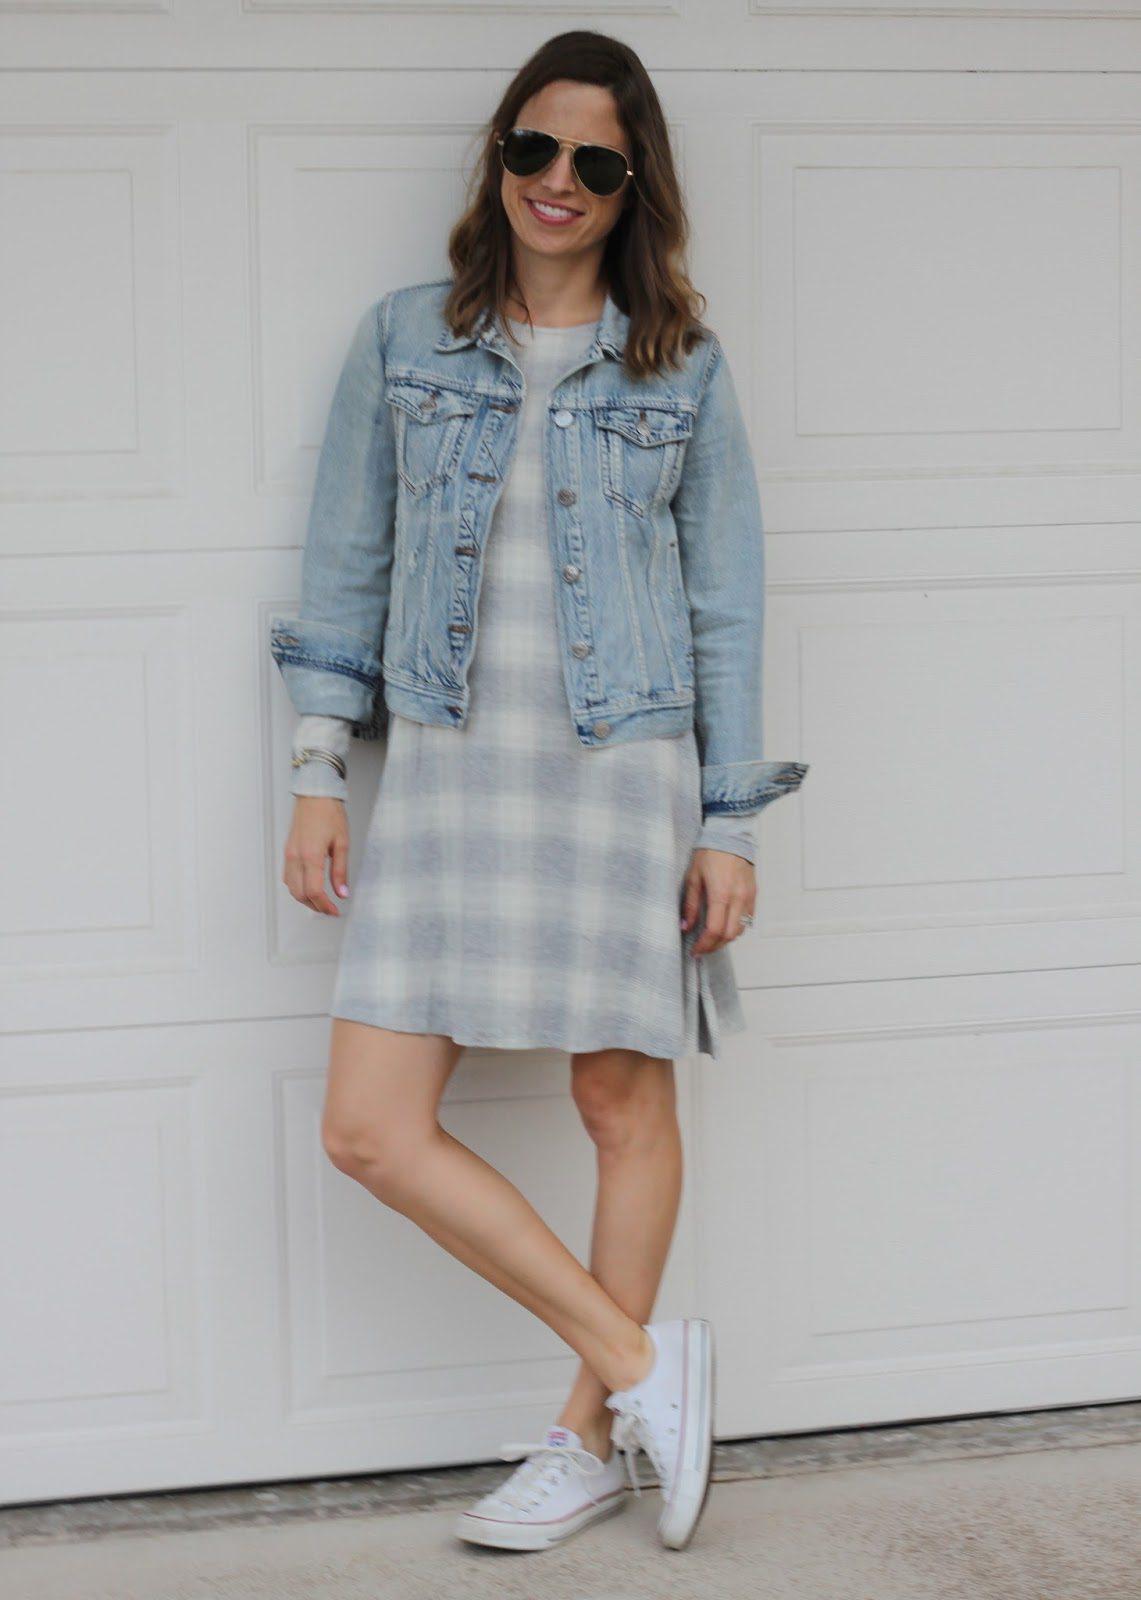 plaid dress and jean jacket